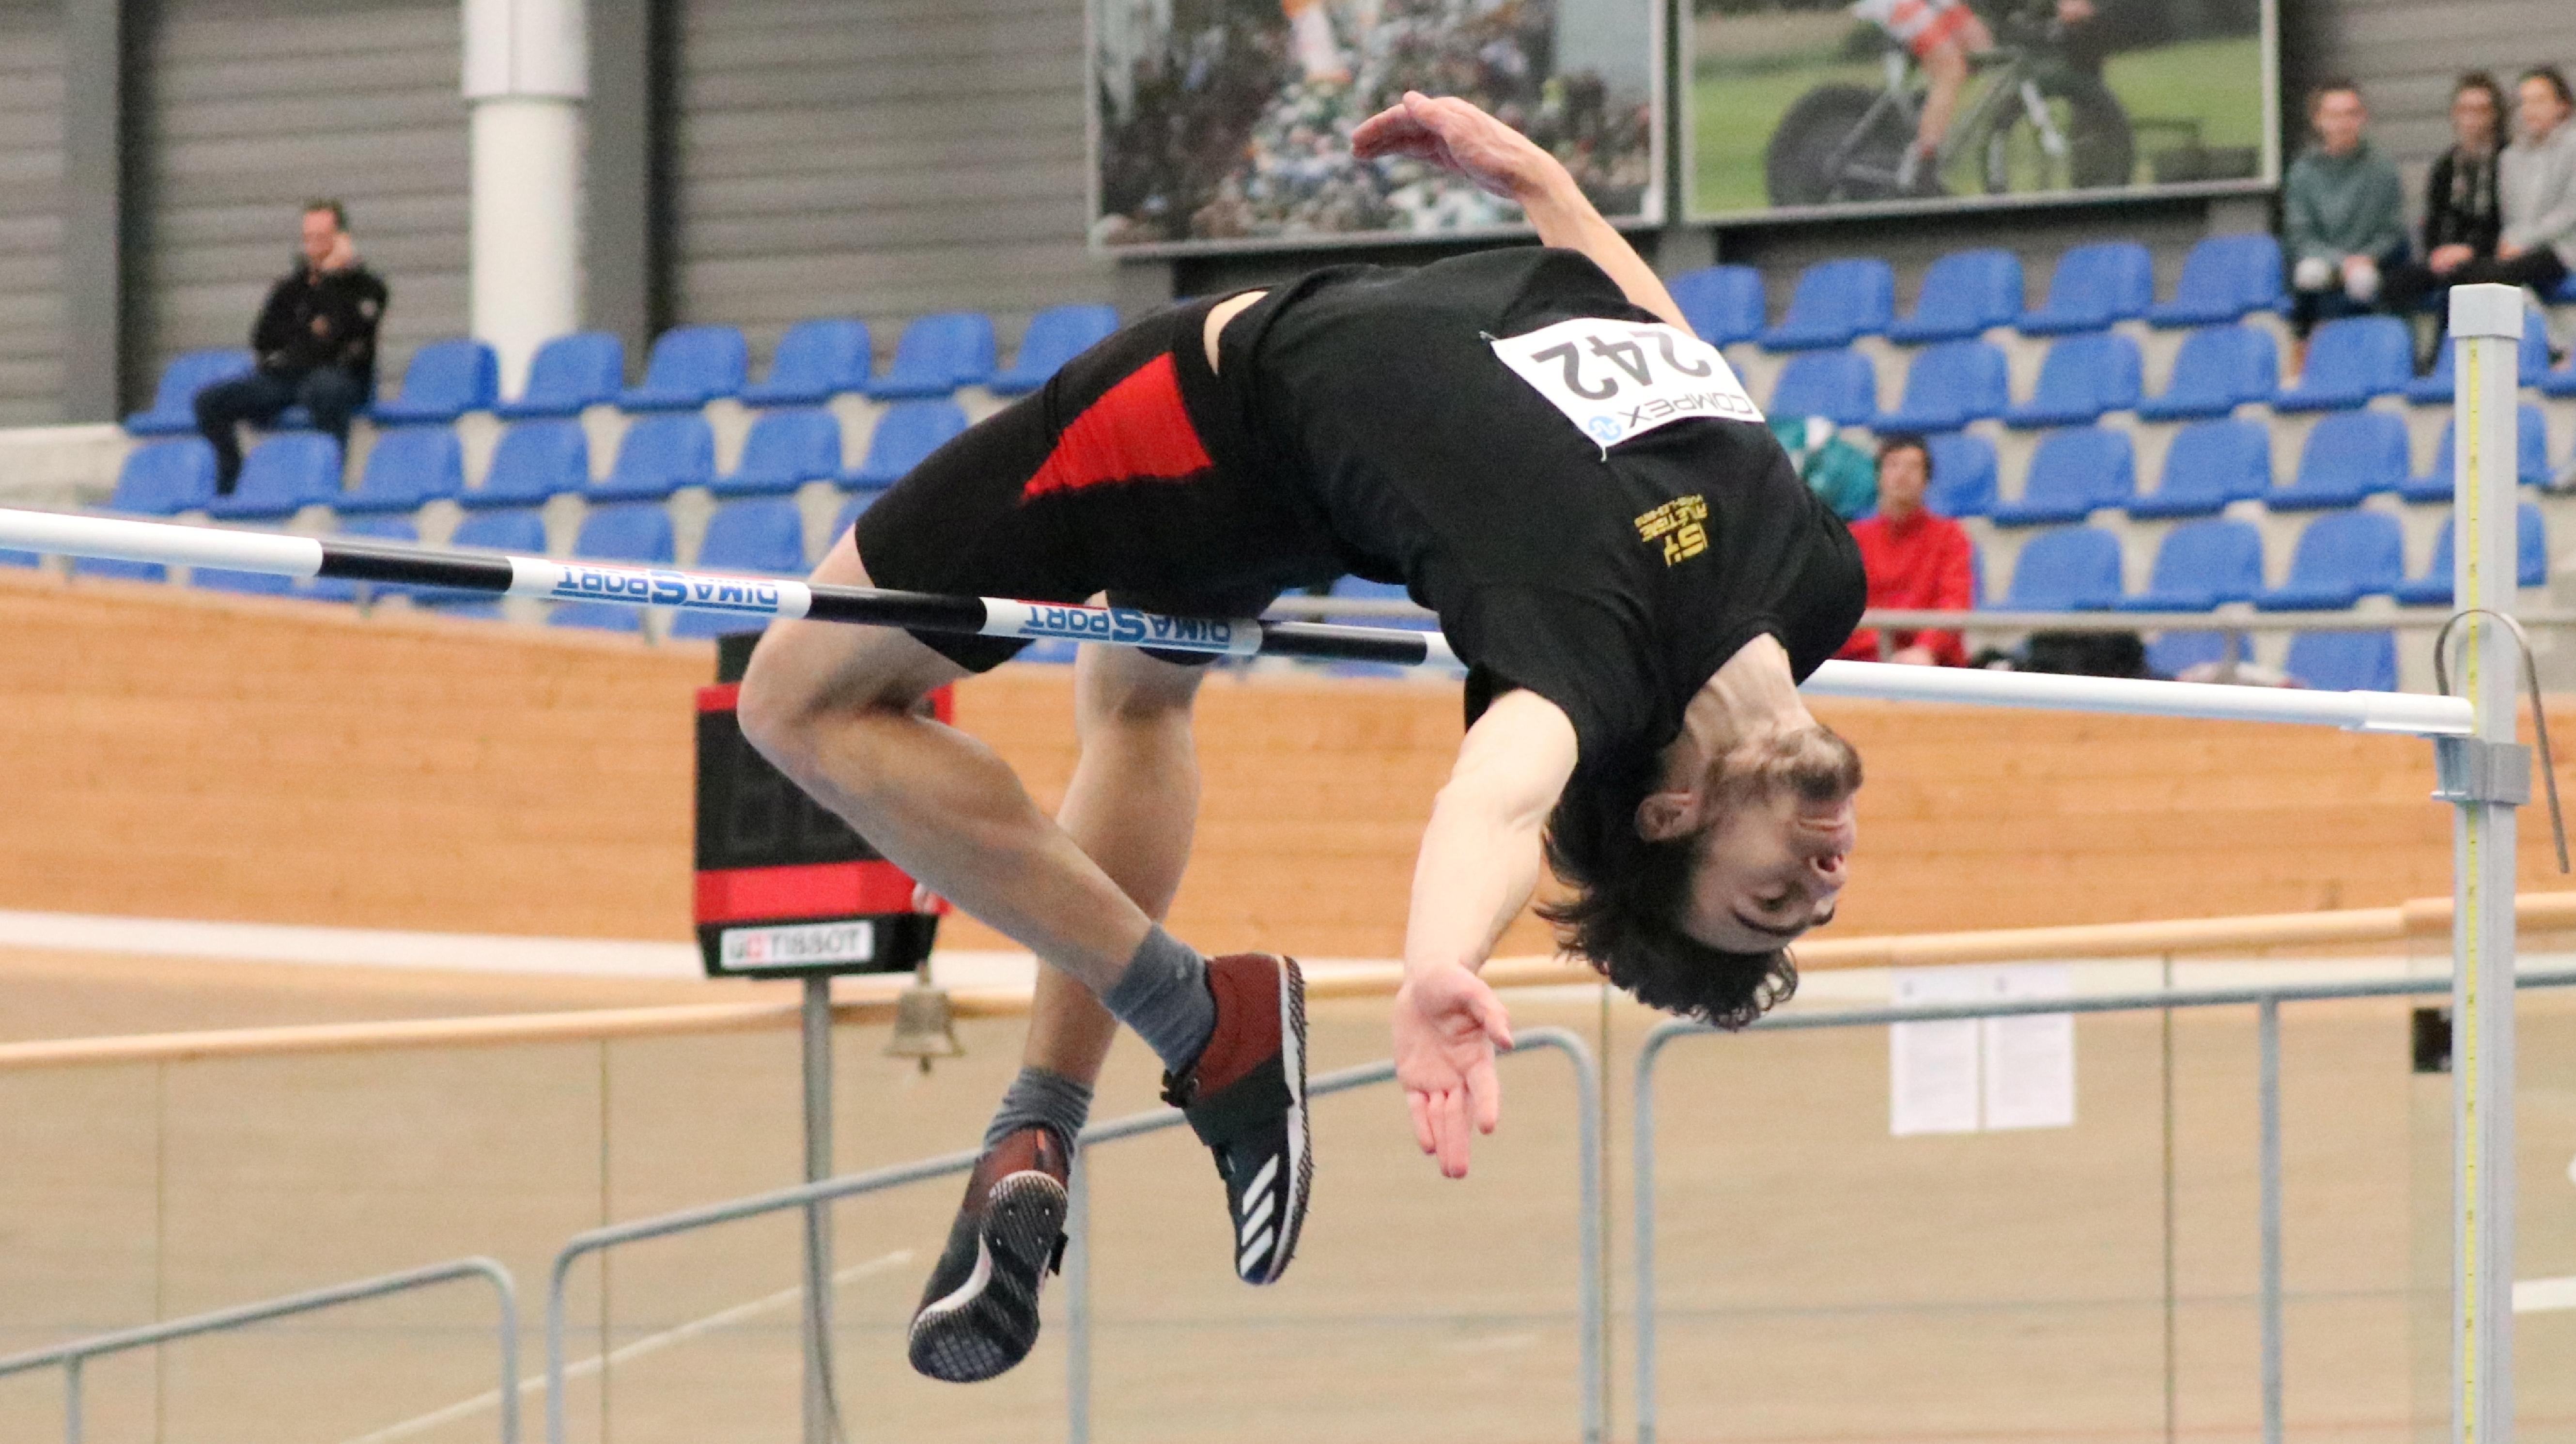 Championnats vaudois en salle à Aigle